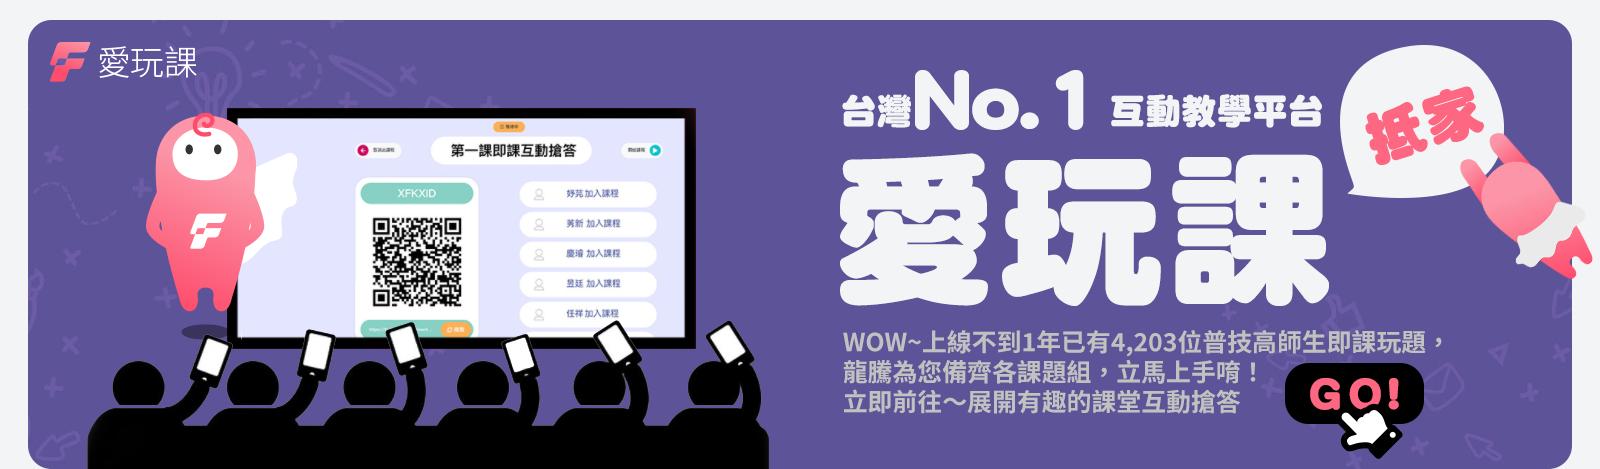 台灣第一互動教學平台【愛玩課】